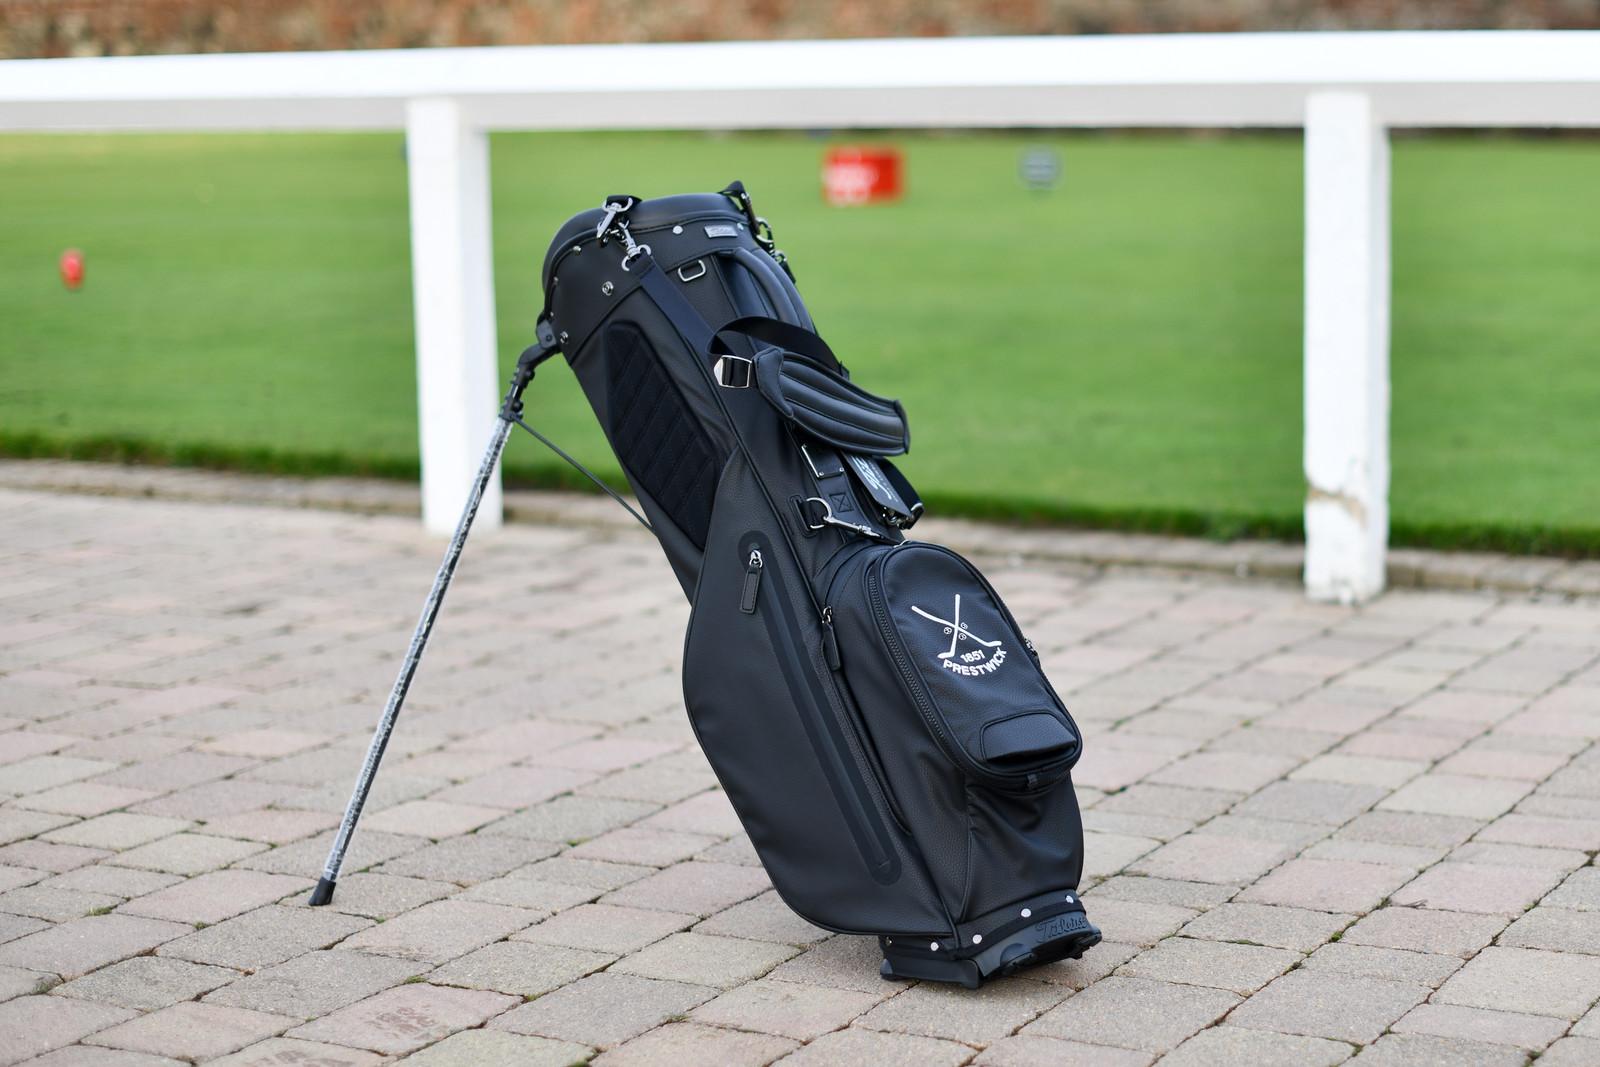 Titleist Linksmaster Golf Bag - Black